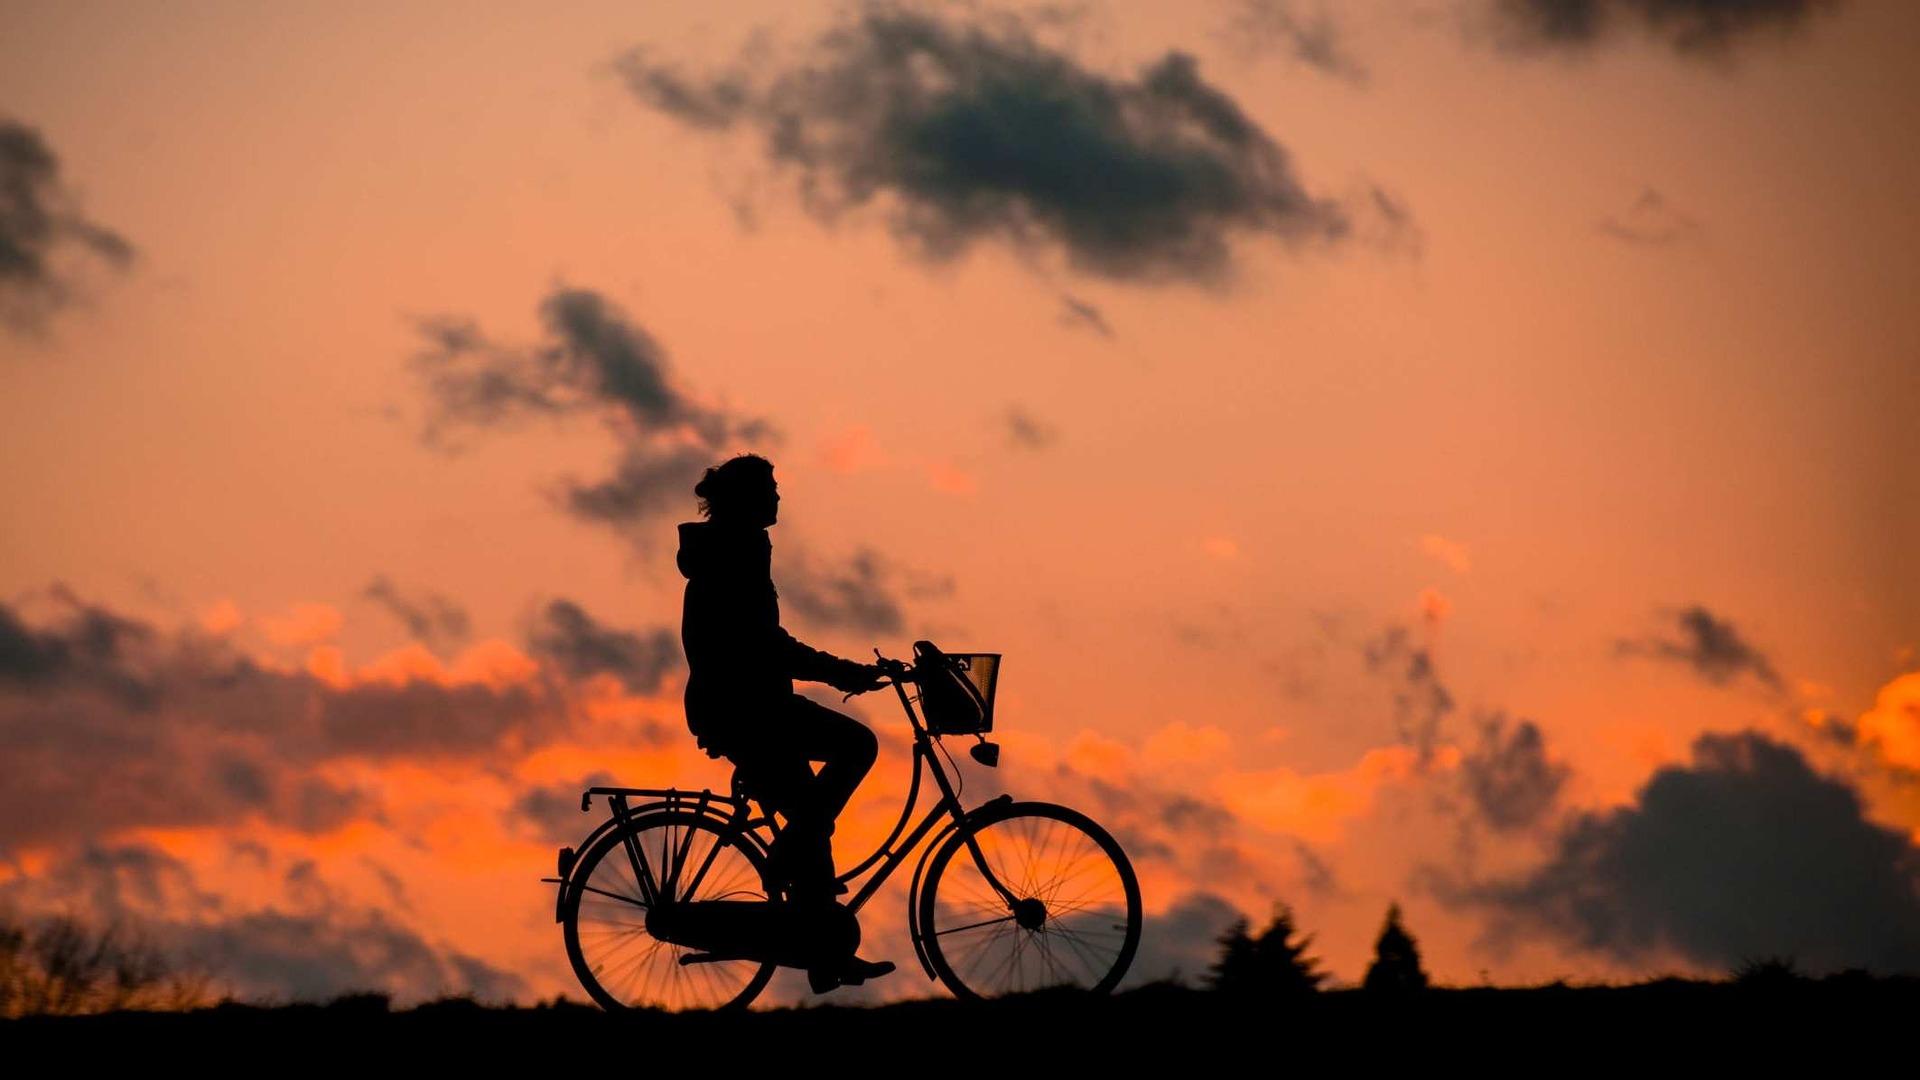 自転車・オートバイを守る運転を心がけましょう!